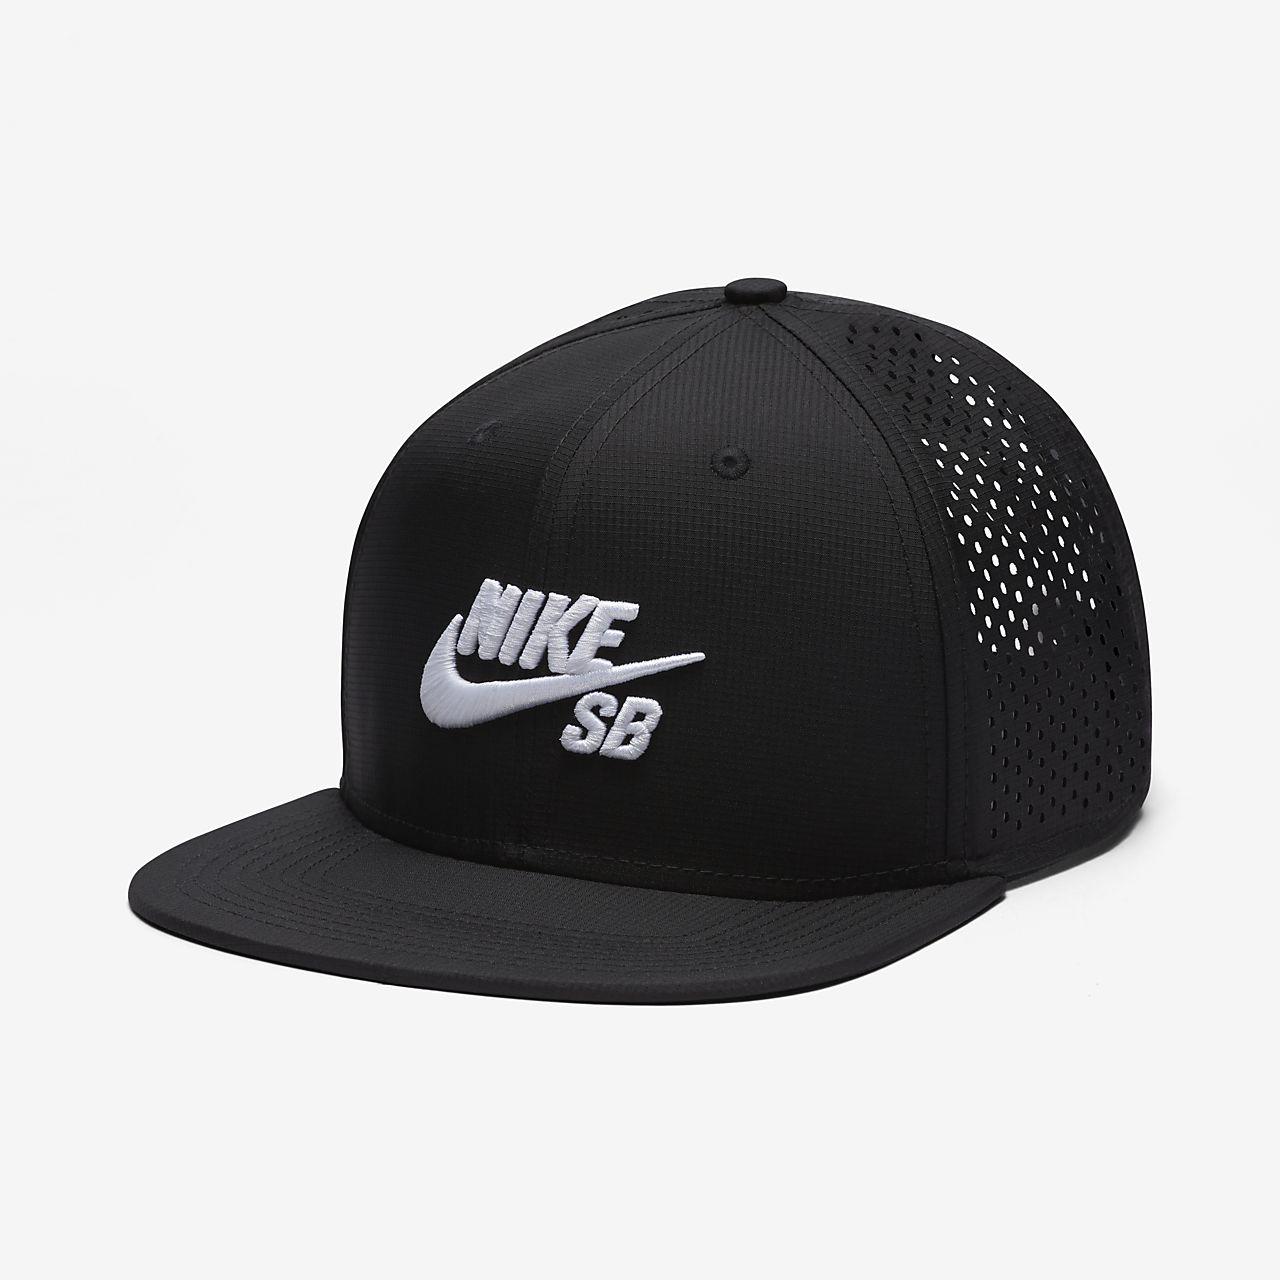 Acquista cappello nike fc - OFF46% sconti a35042ad1c9b